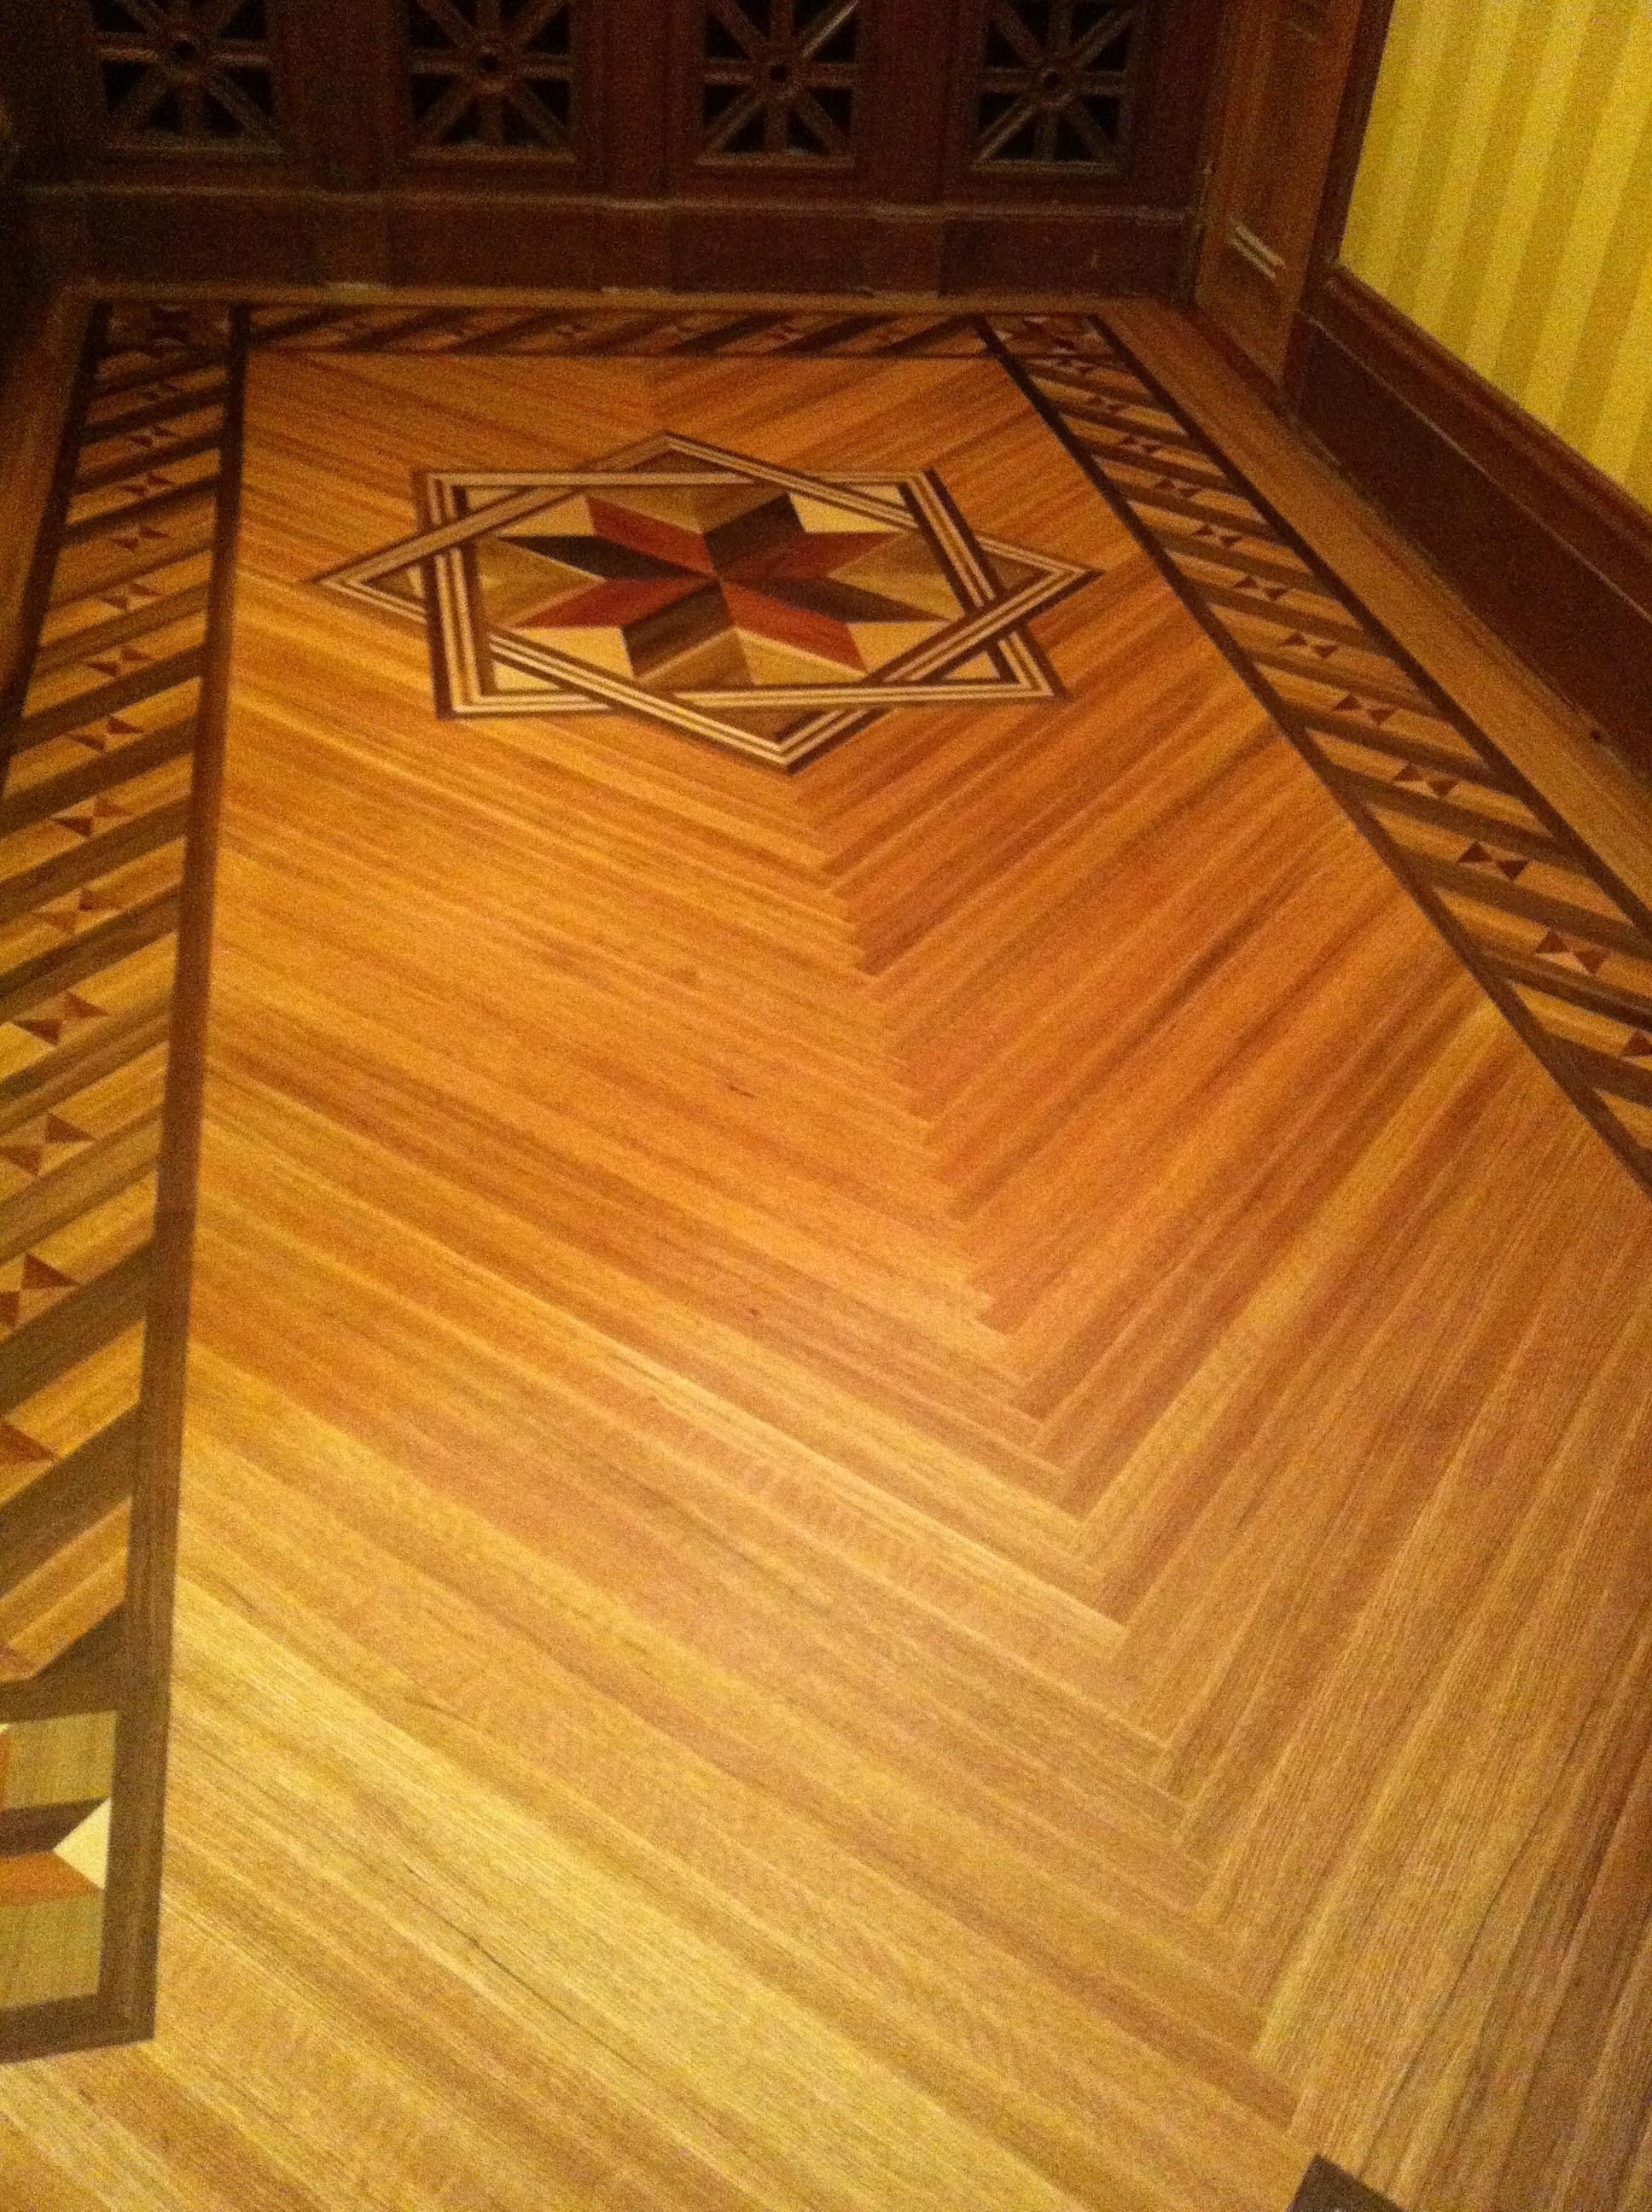 hardwood flooring ottawa reviews of 18 elegant hardwood flooring cost stock dizpos com regarding hardwood flooring cost inspirational hardwood floor designs hardwood floor design patterns 2 image of 18 elegant